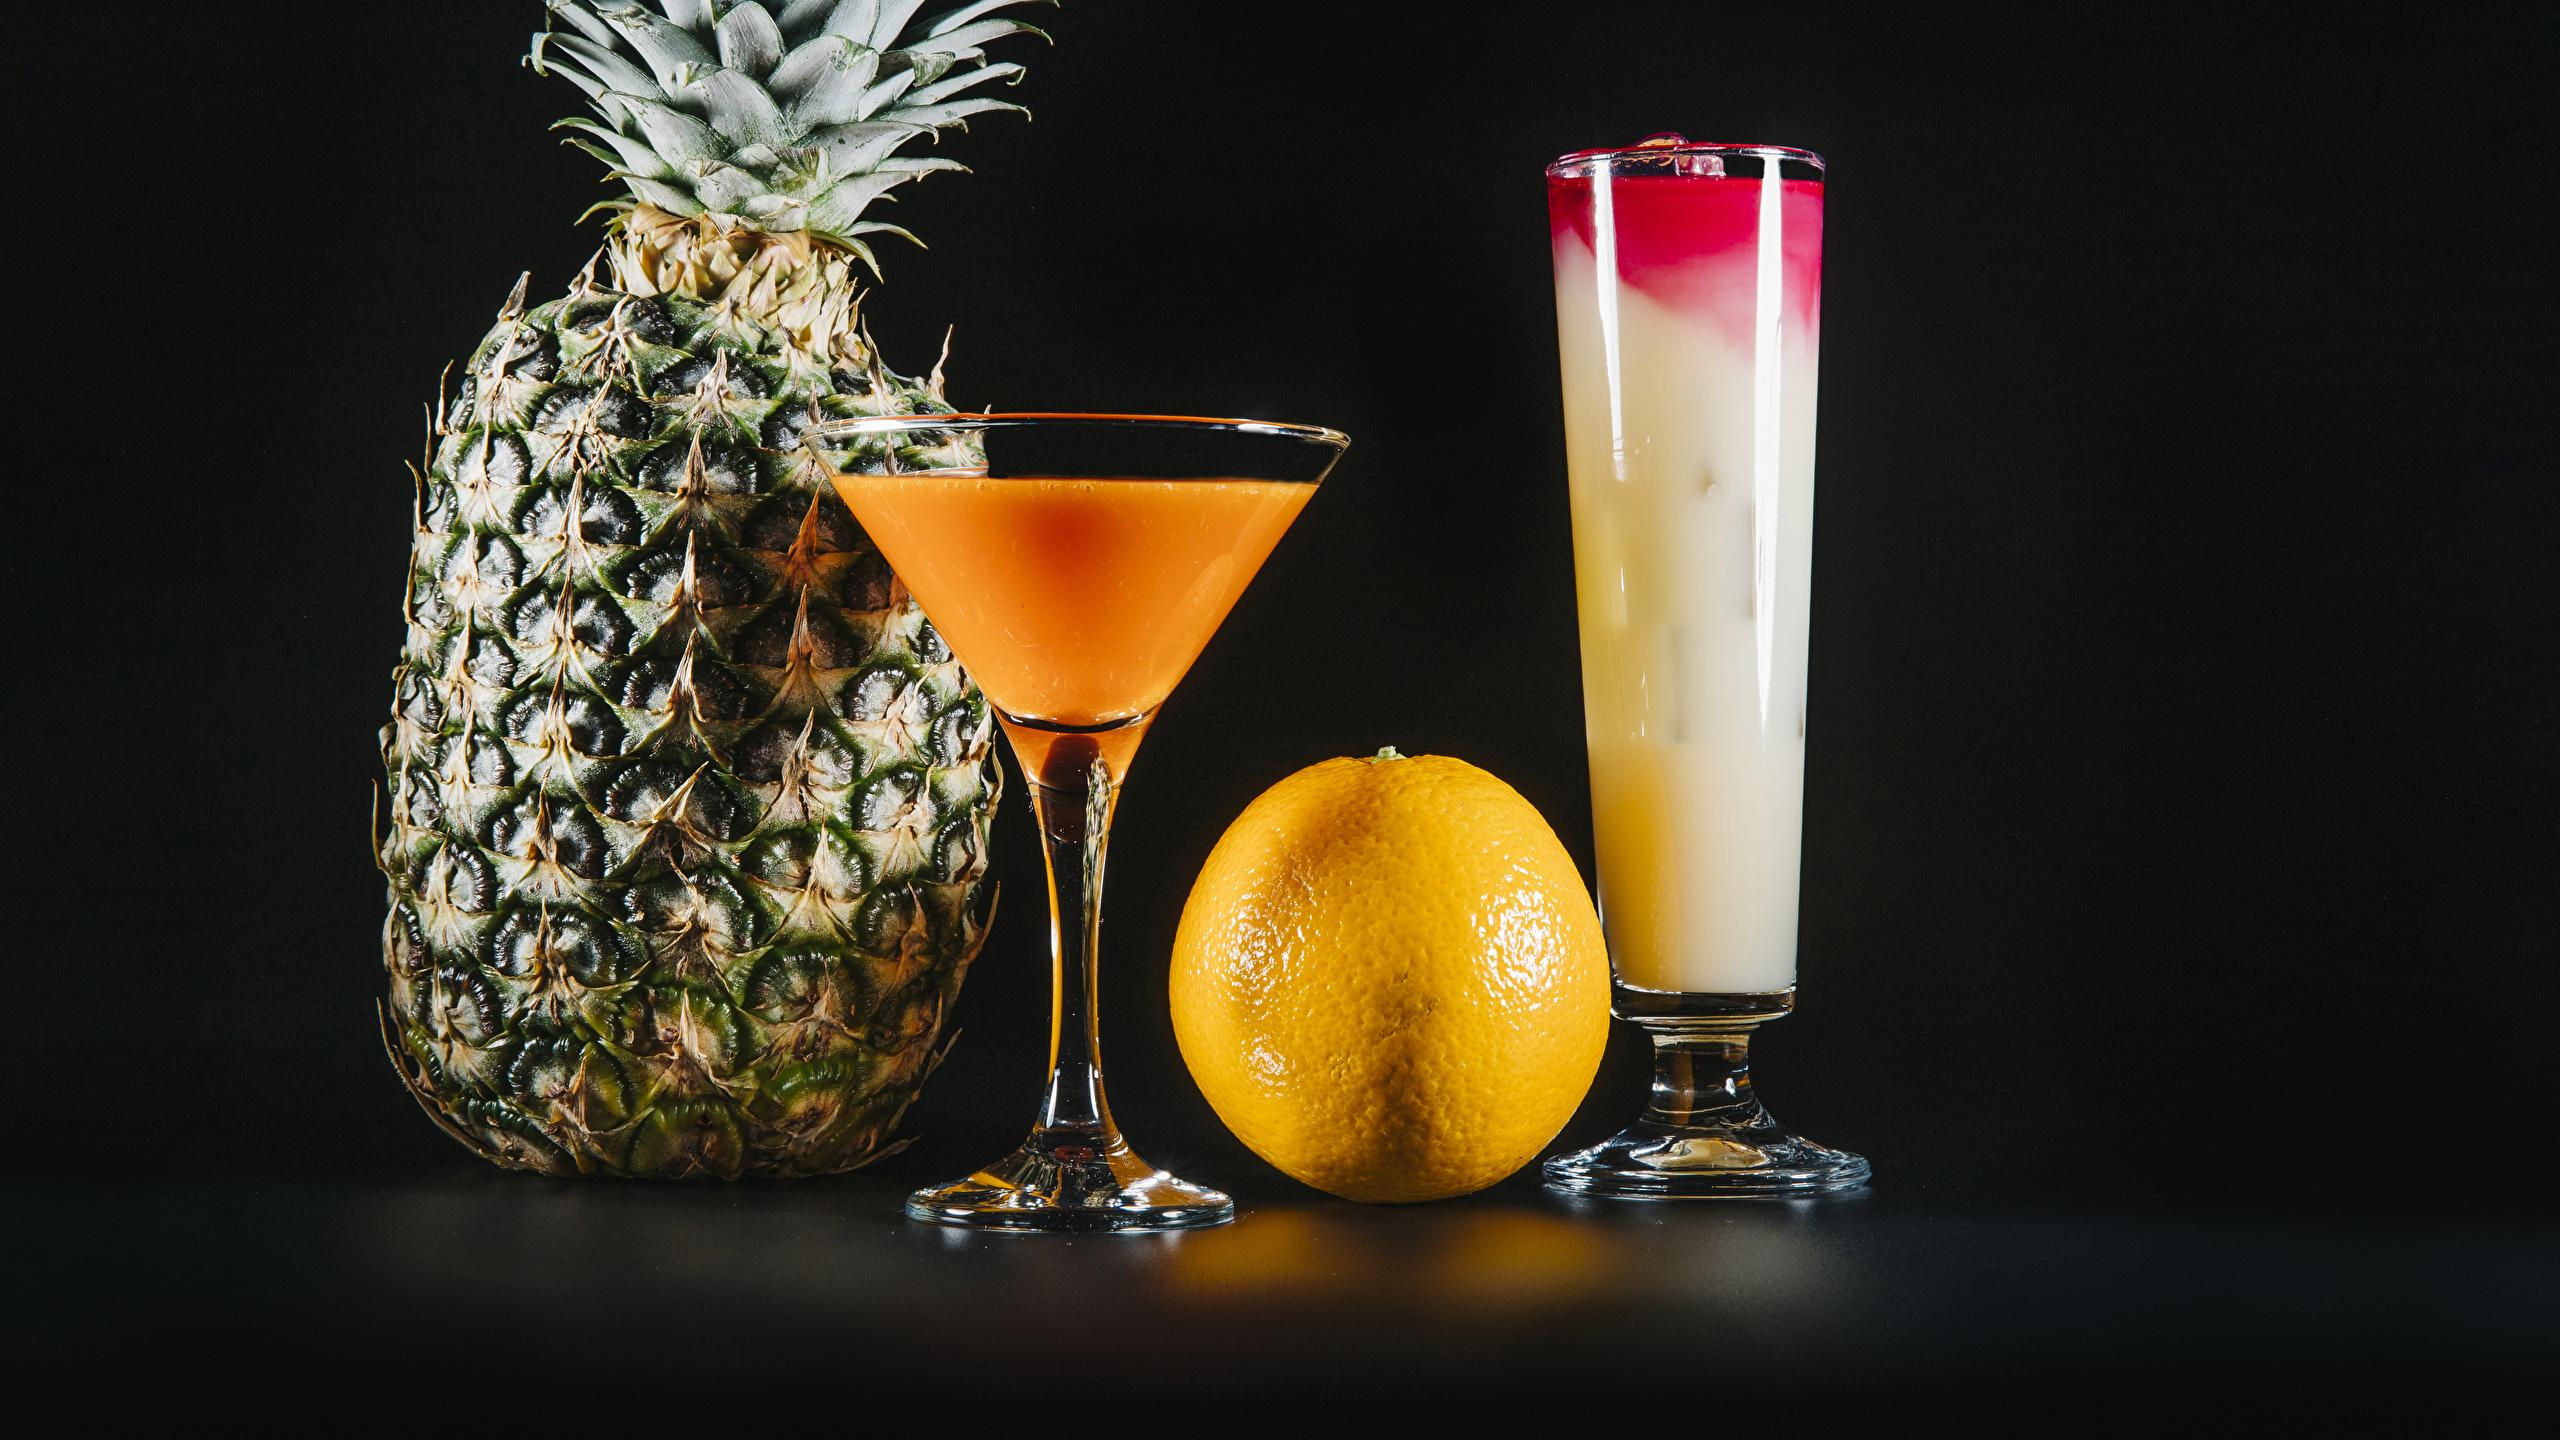 Фотография две Апельсин стакана Ананасы Еда бокал Коктейль на черном фоне 2560x1440 2 два Двое вдвоем Стакан стакане Пища Бокалы Продукты питания Черный фон